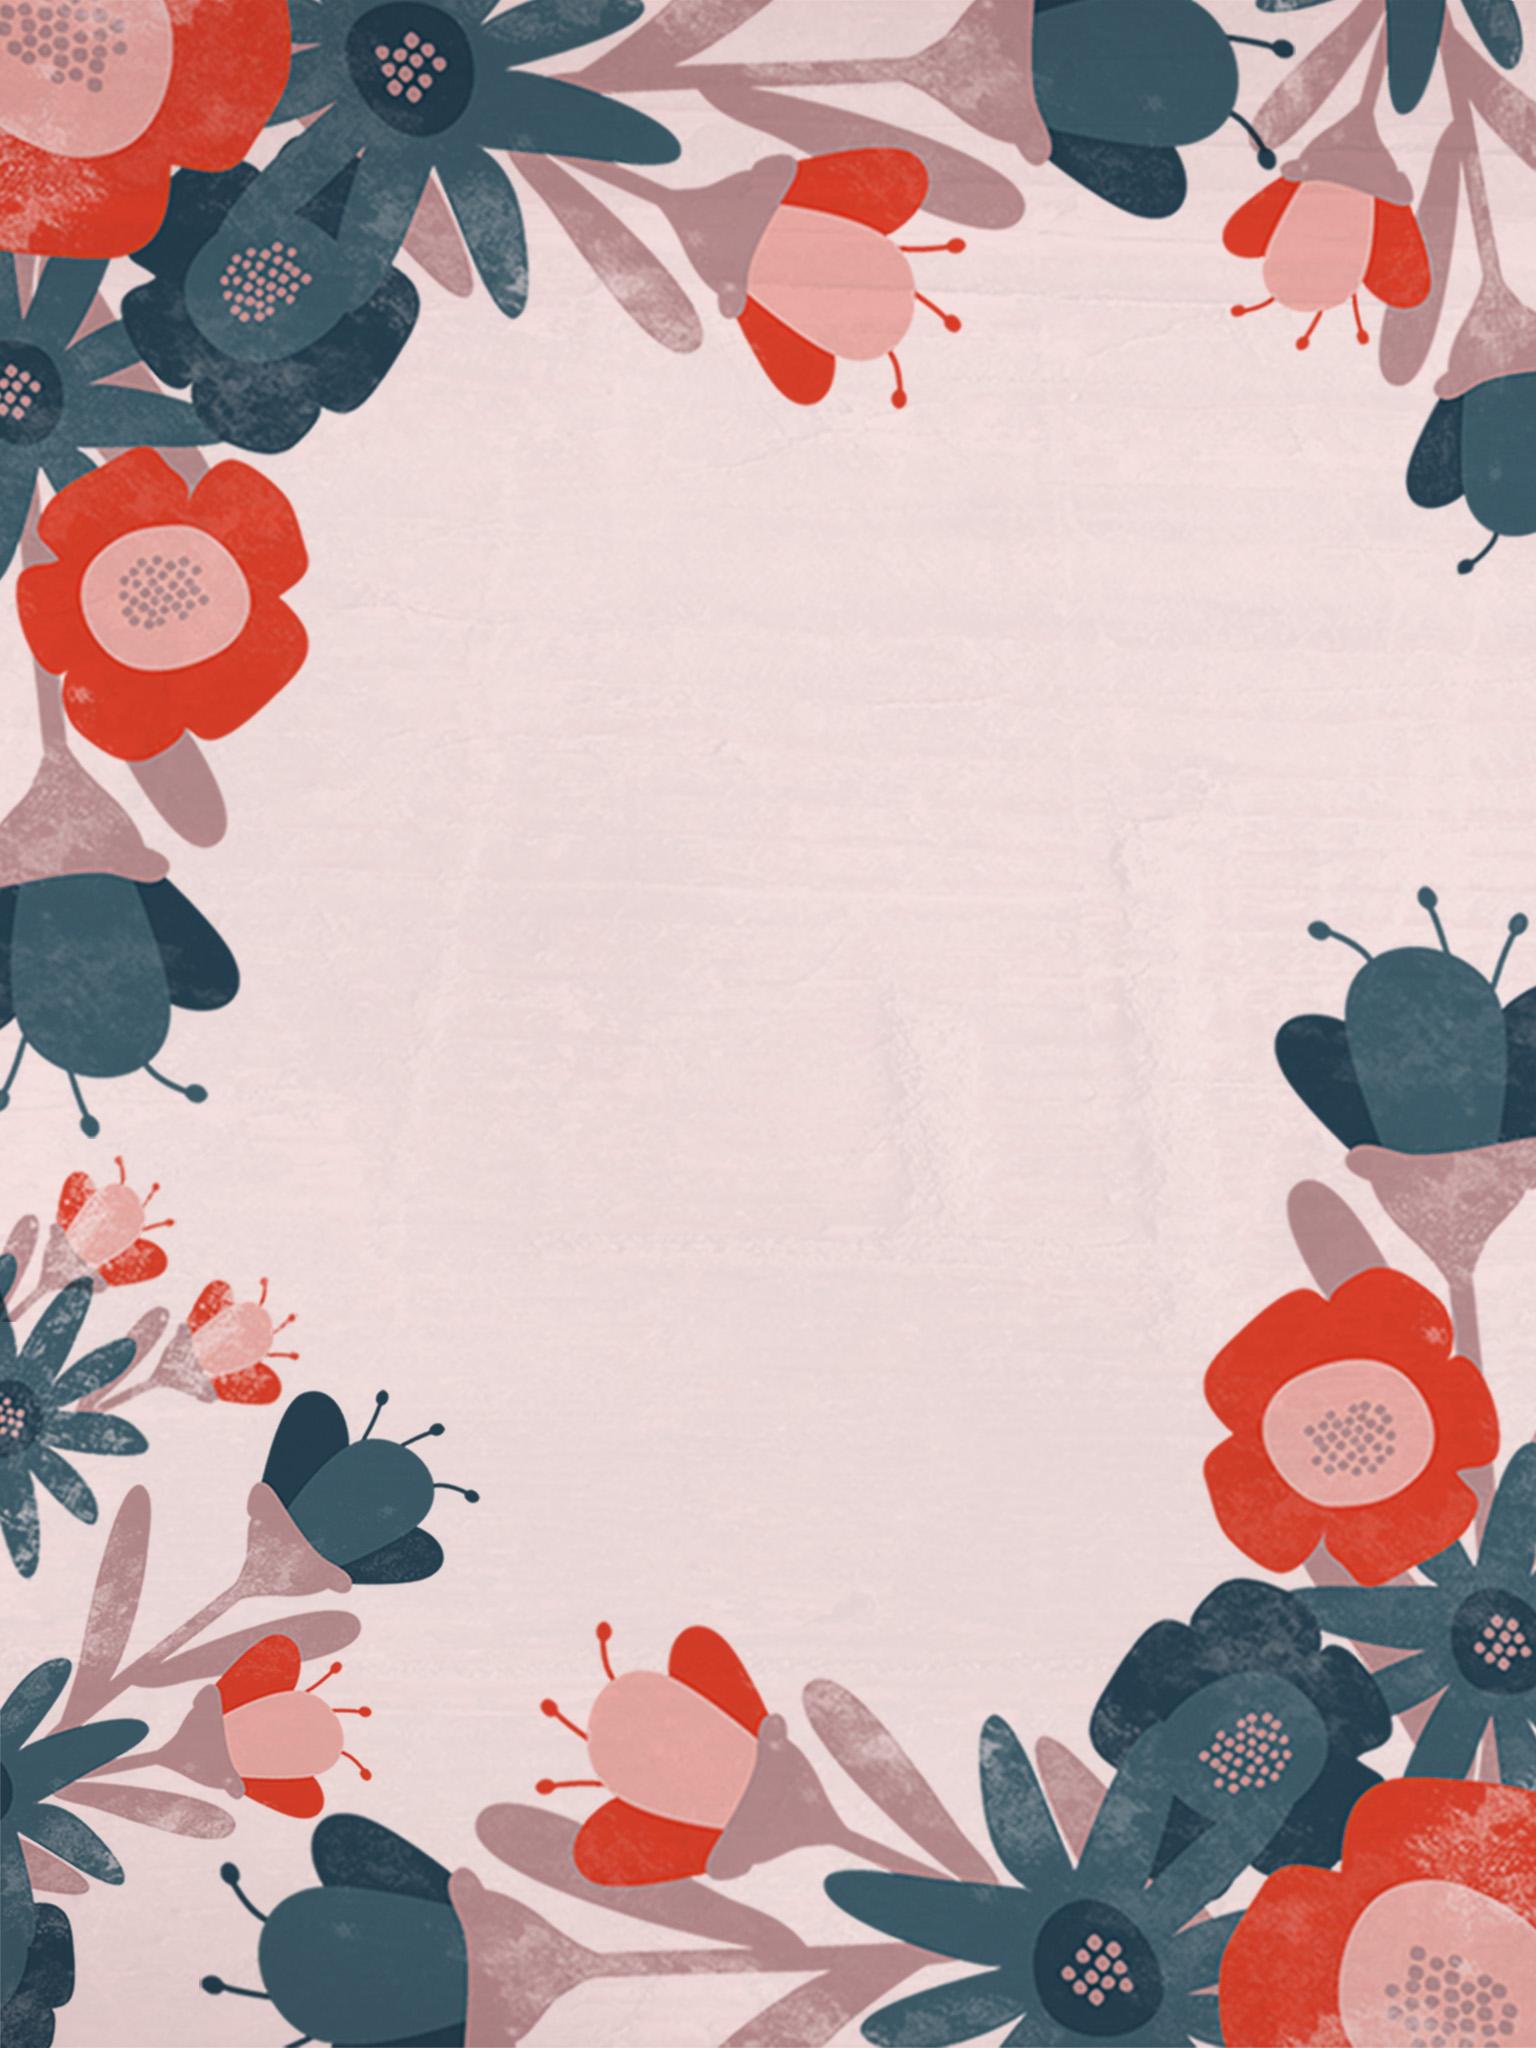 Sept-wallpaper-iPad.jpg (1536×2048)